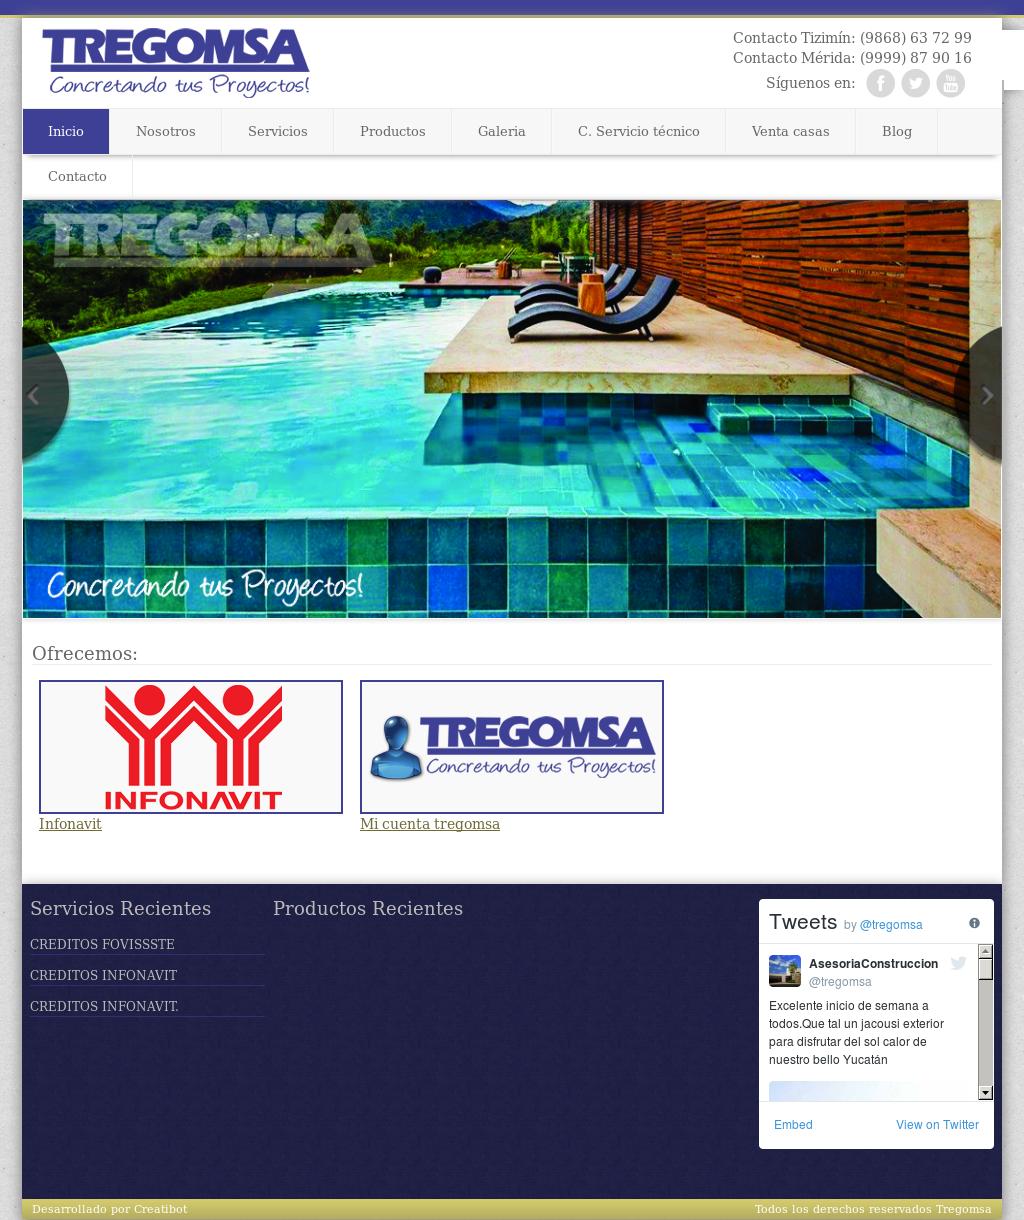 Tregomsa Asesoria Y Construccion Competitors, Revenue and Employees ...